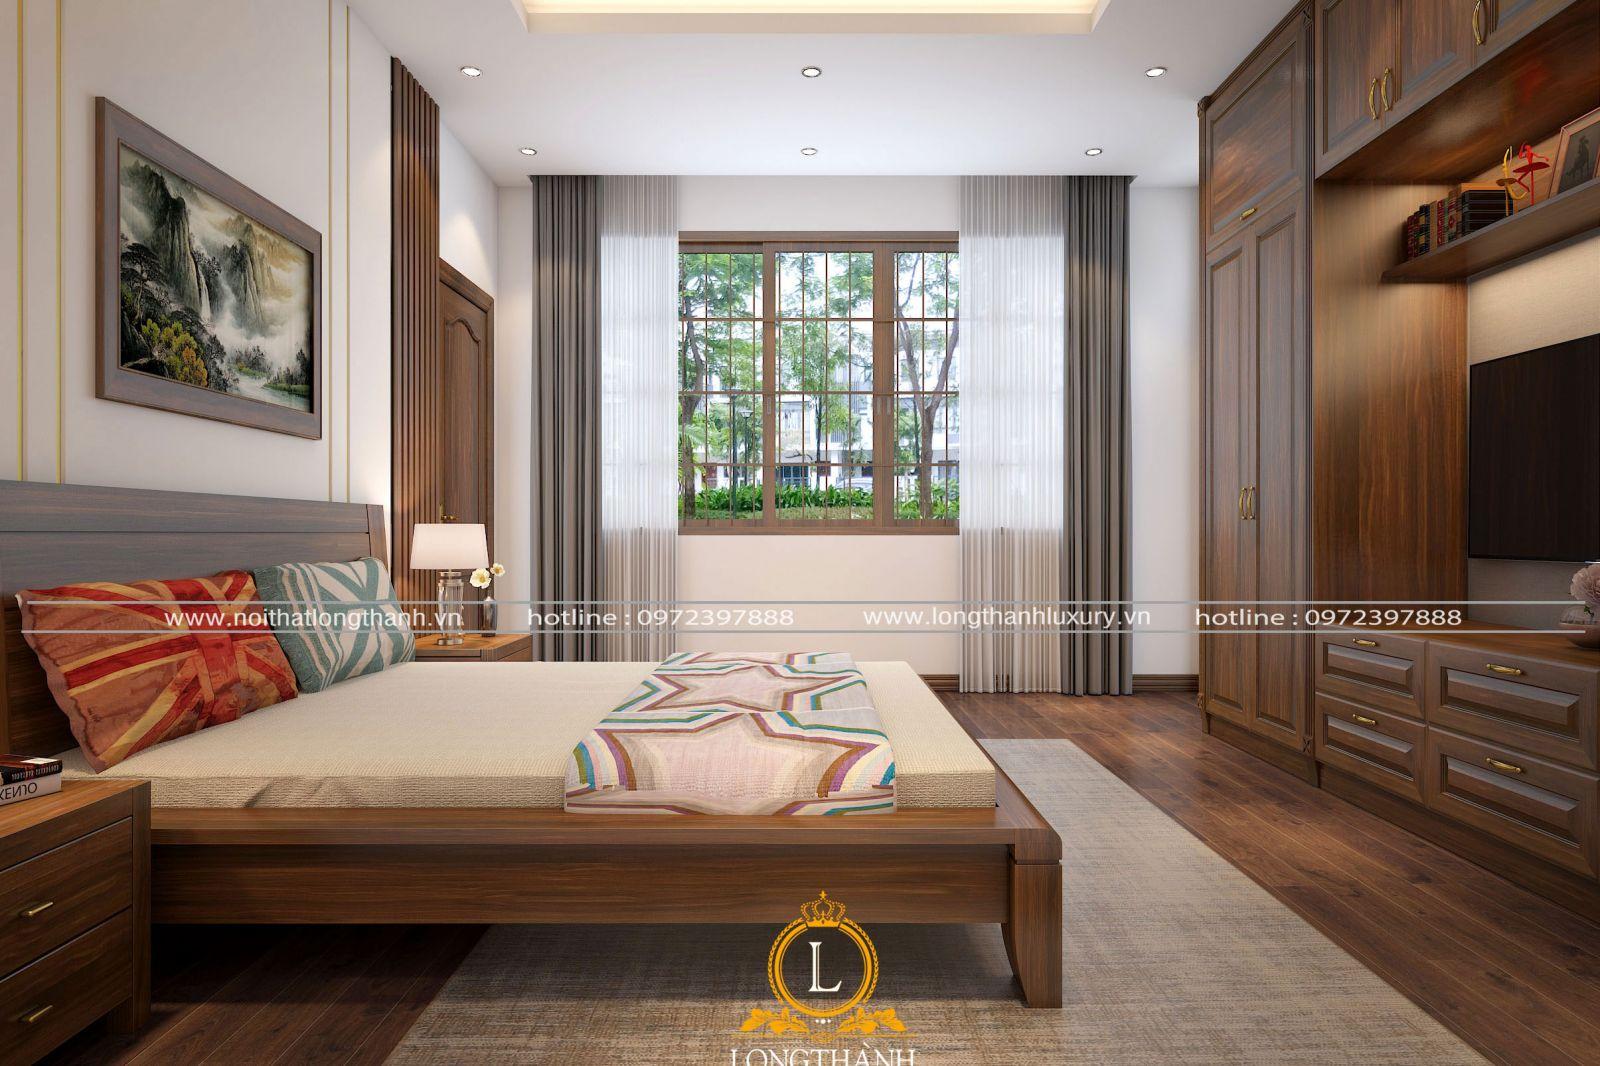 Căn phòng  ngủ hiện đại đẹp được lắp rèm trang trí